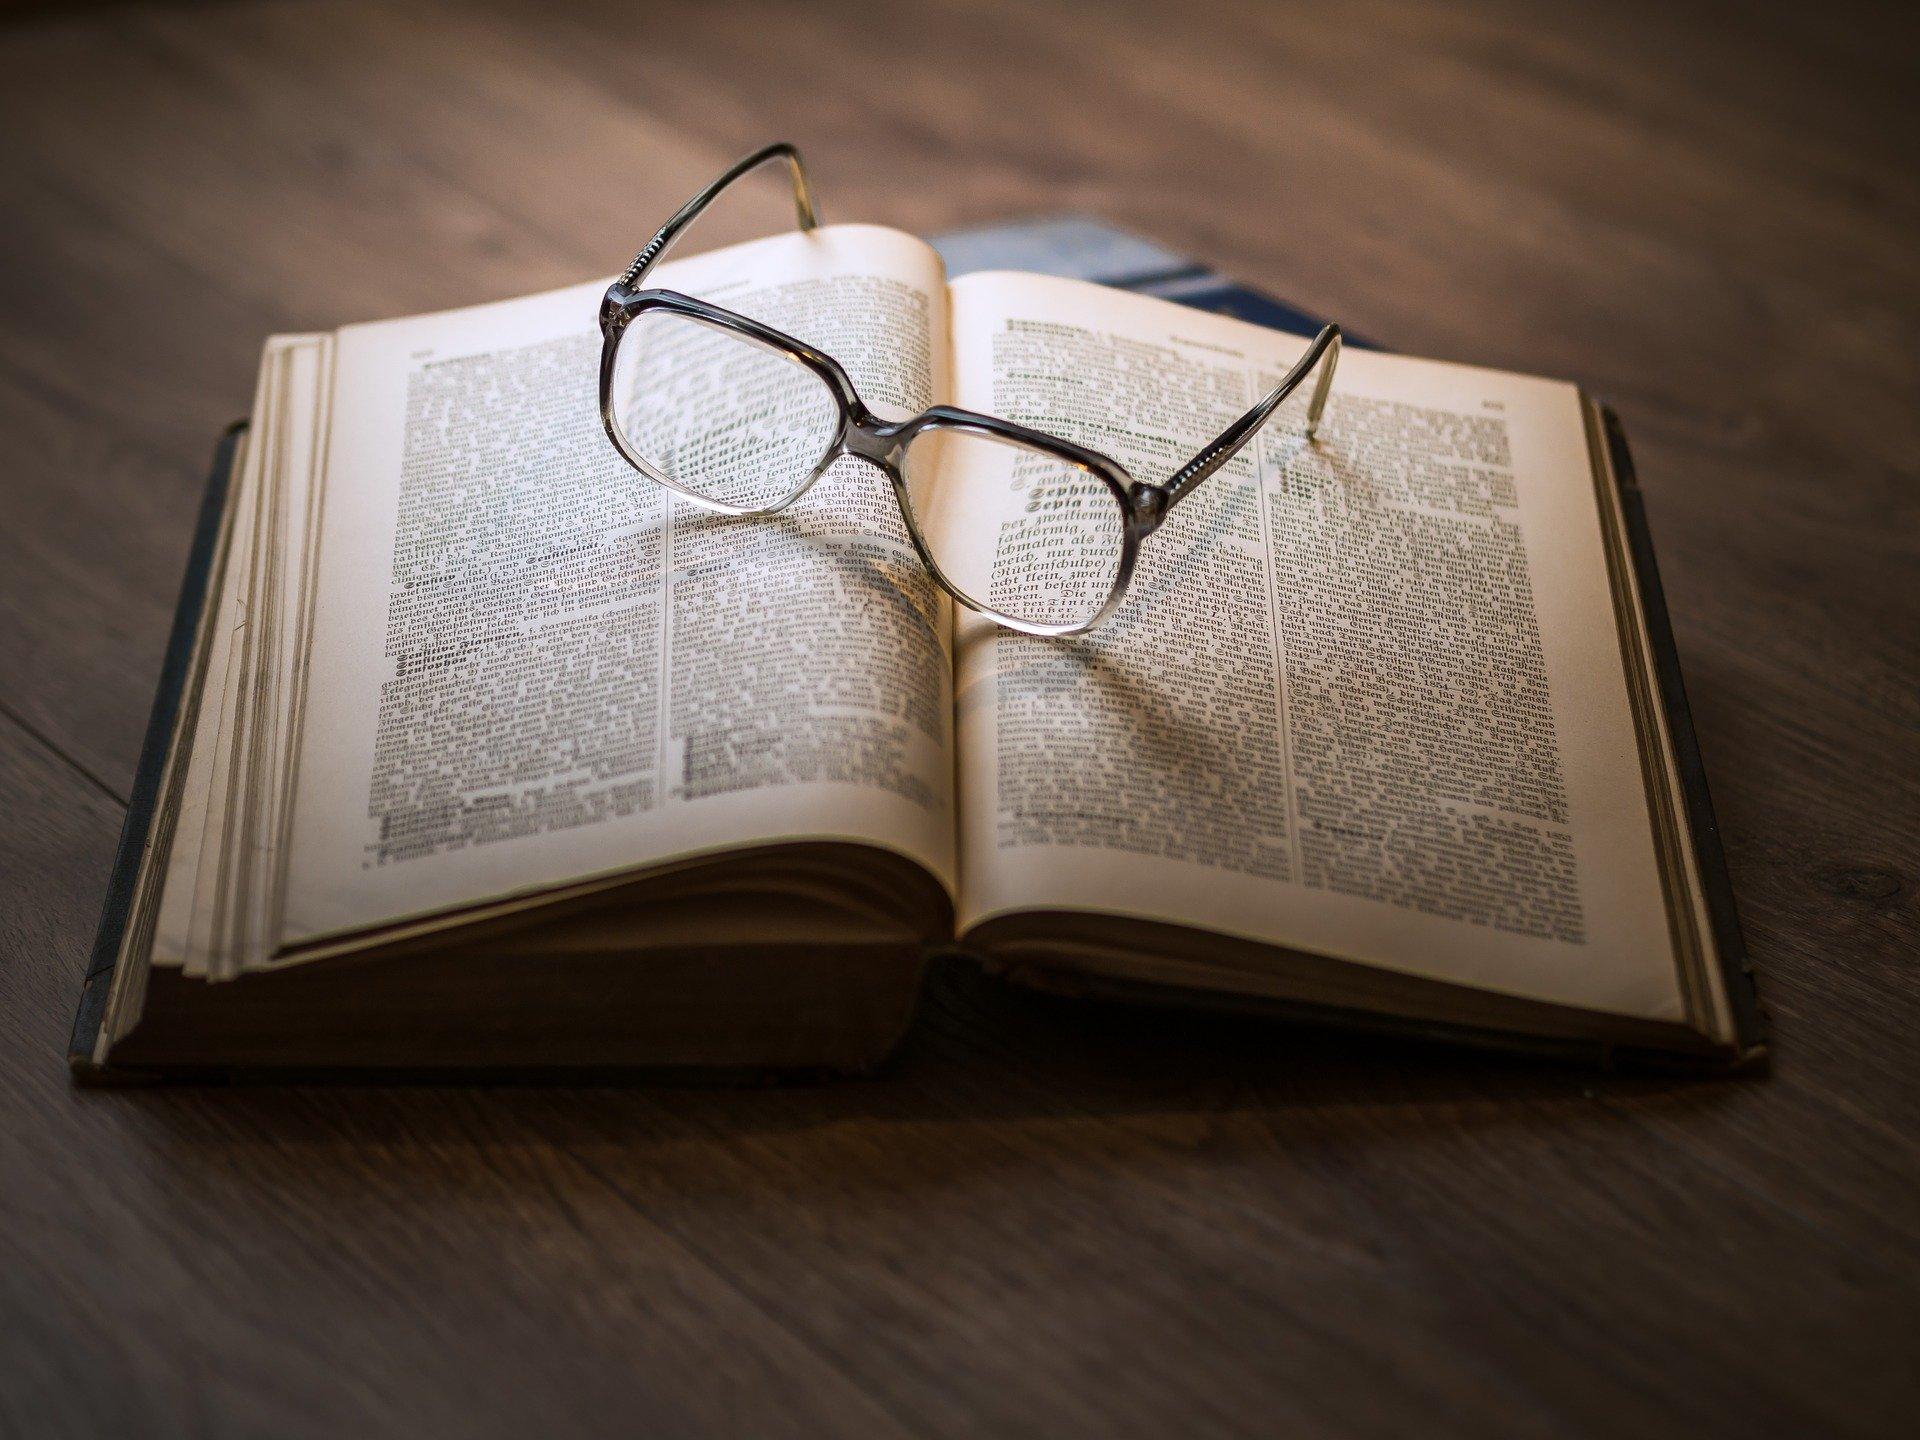 Quel est le fonctionnement des lentilles de contact comparé à des lunettes